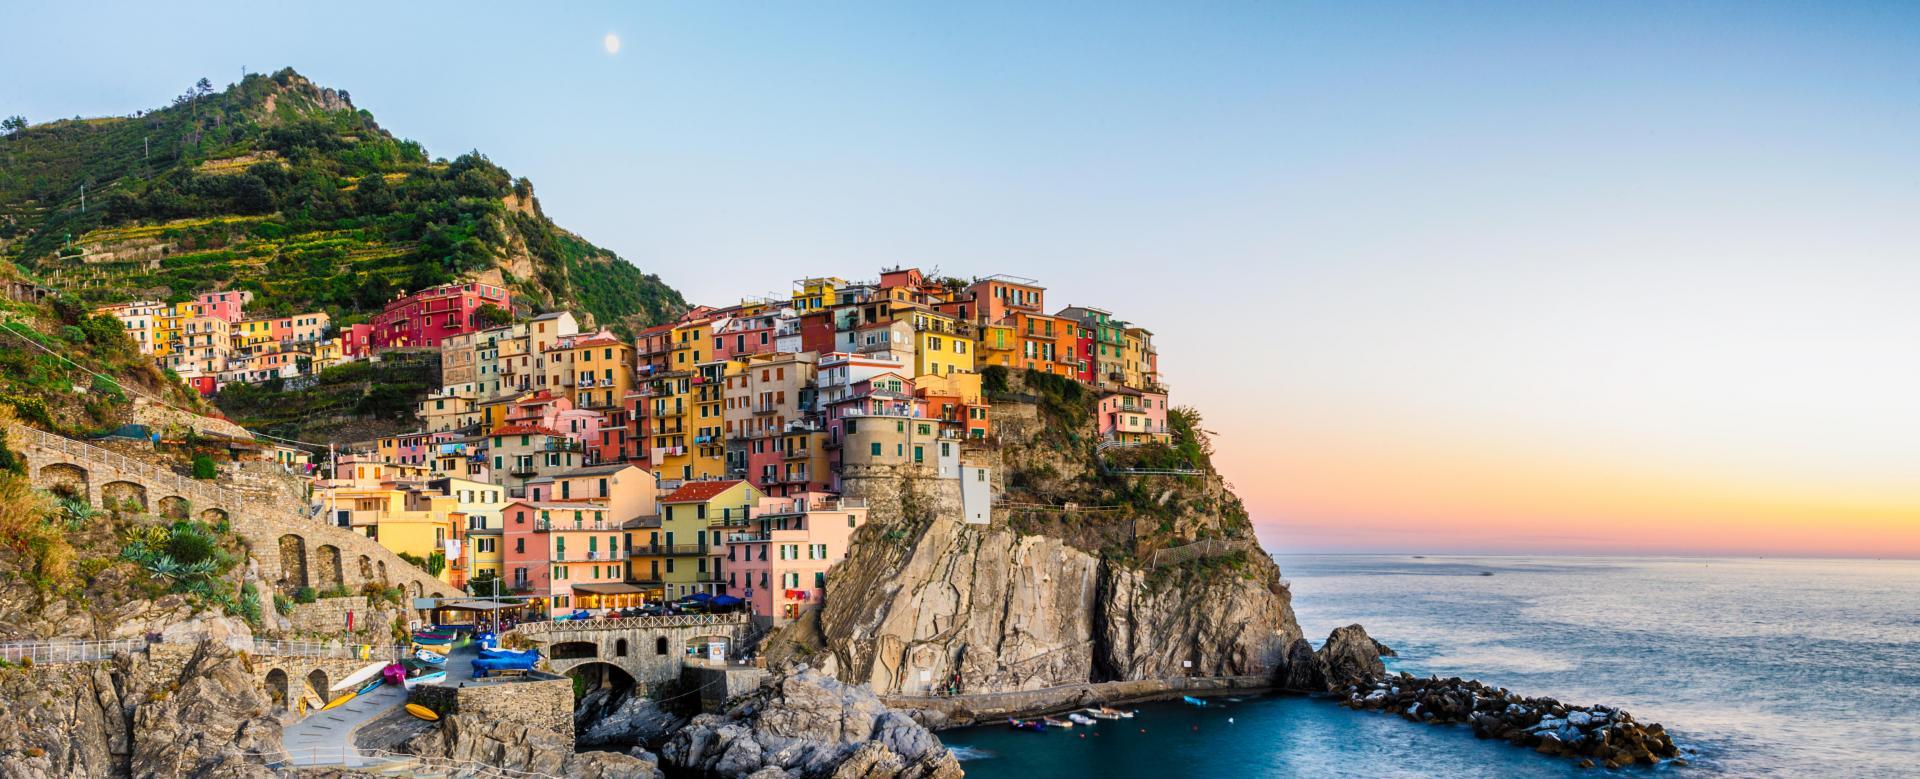 Voyage à pied : Villages des cinque terre